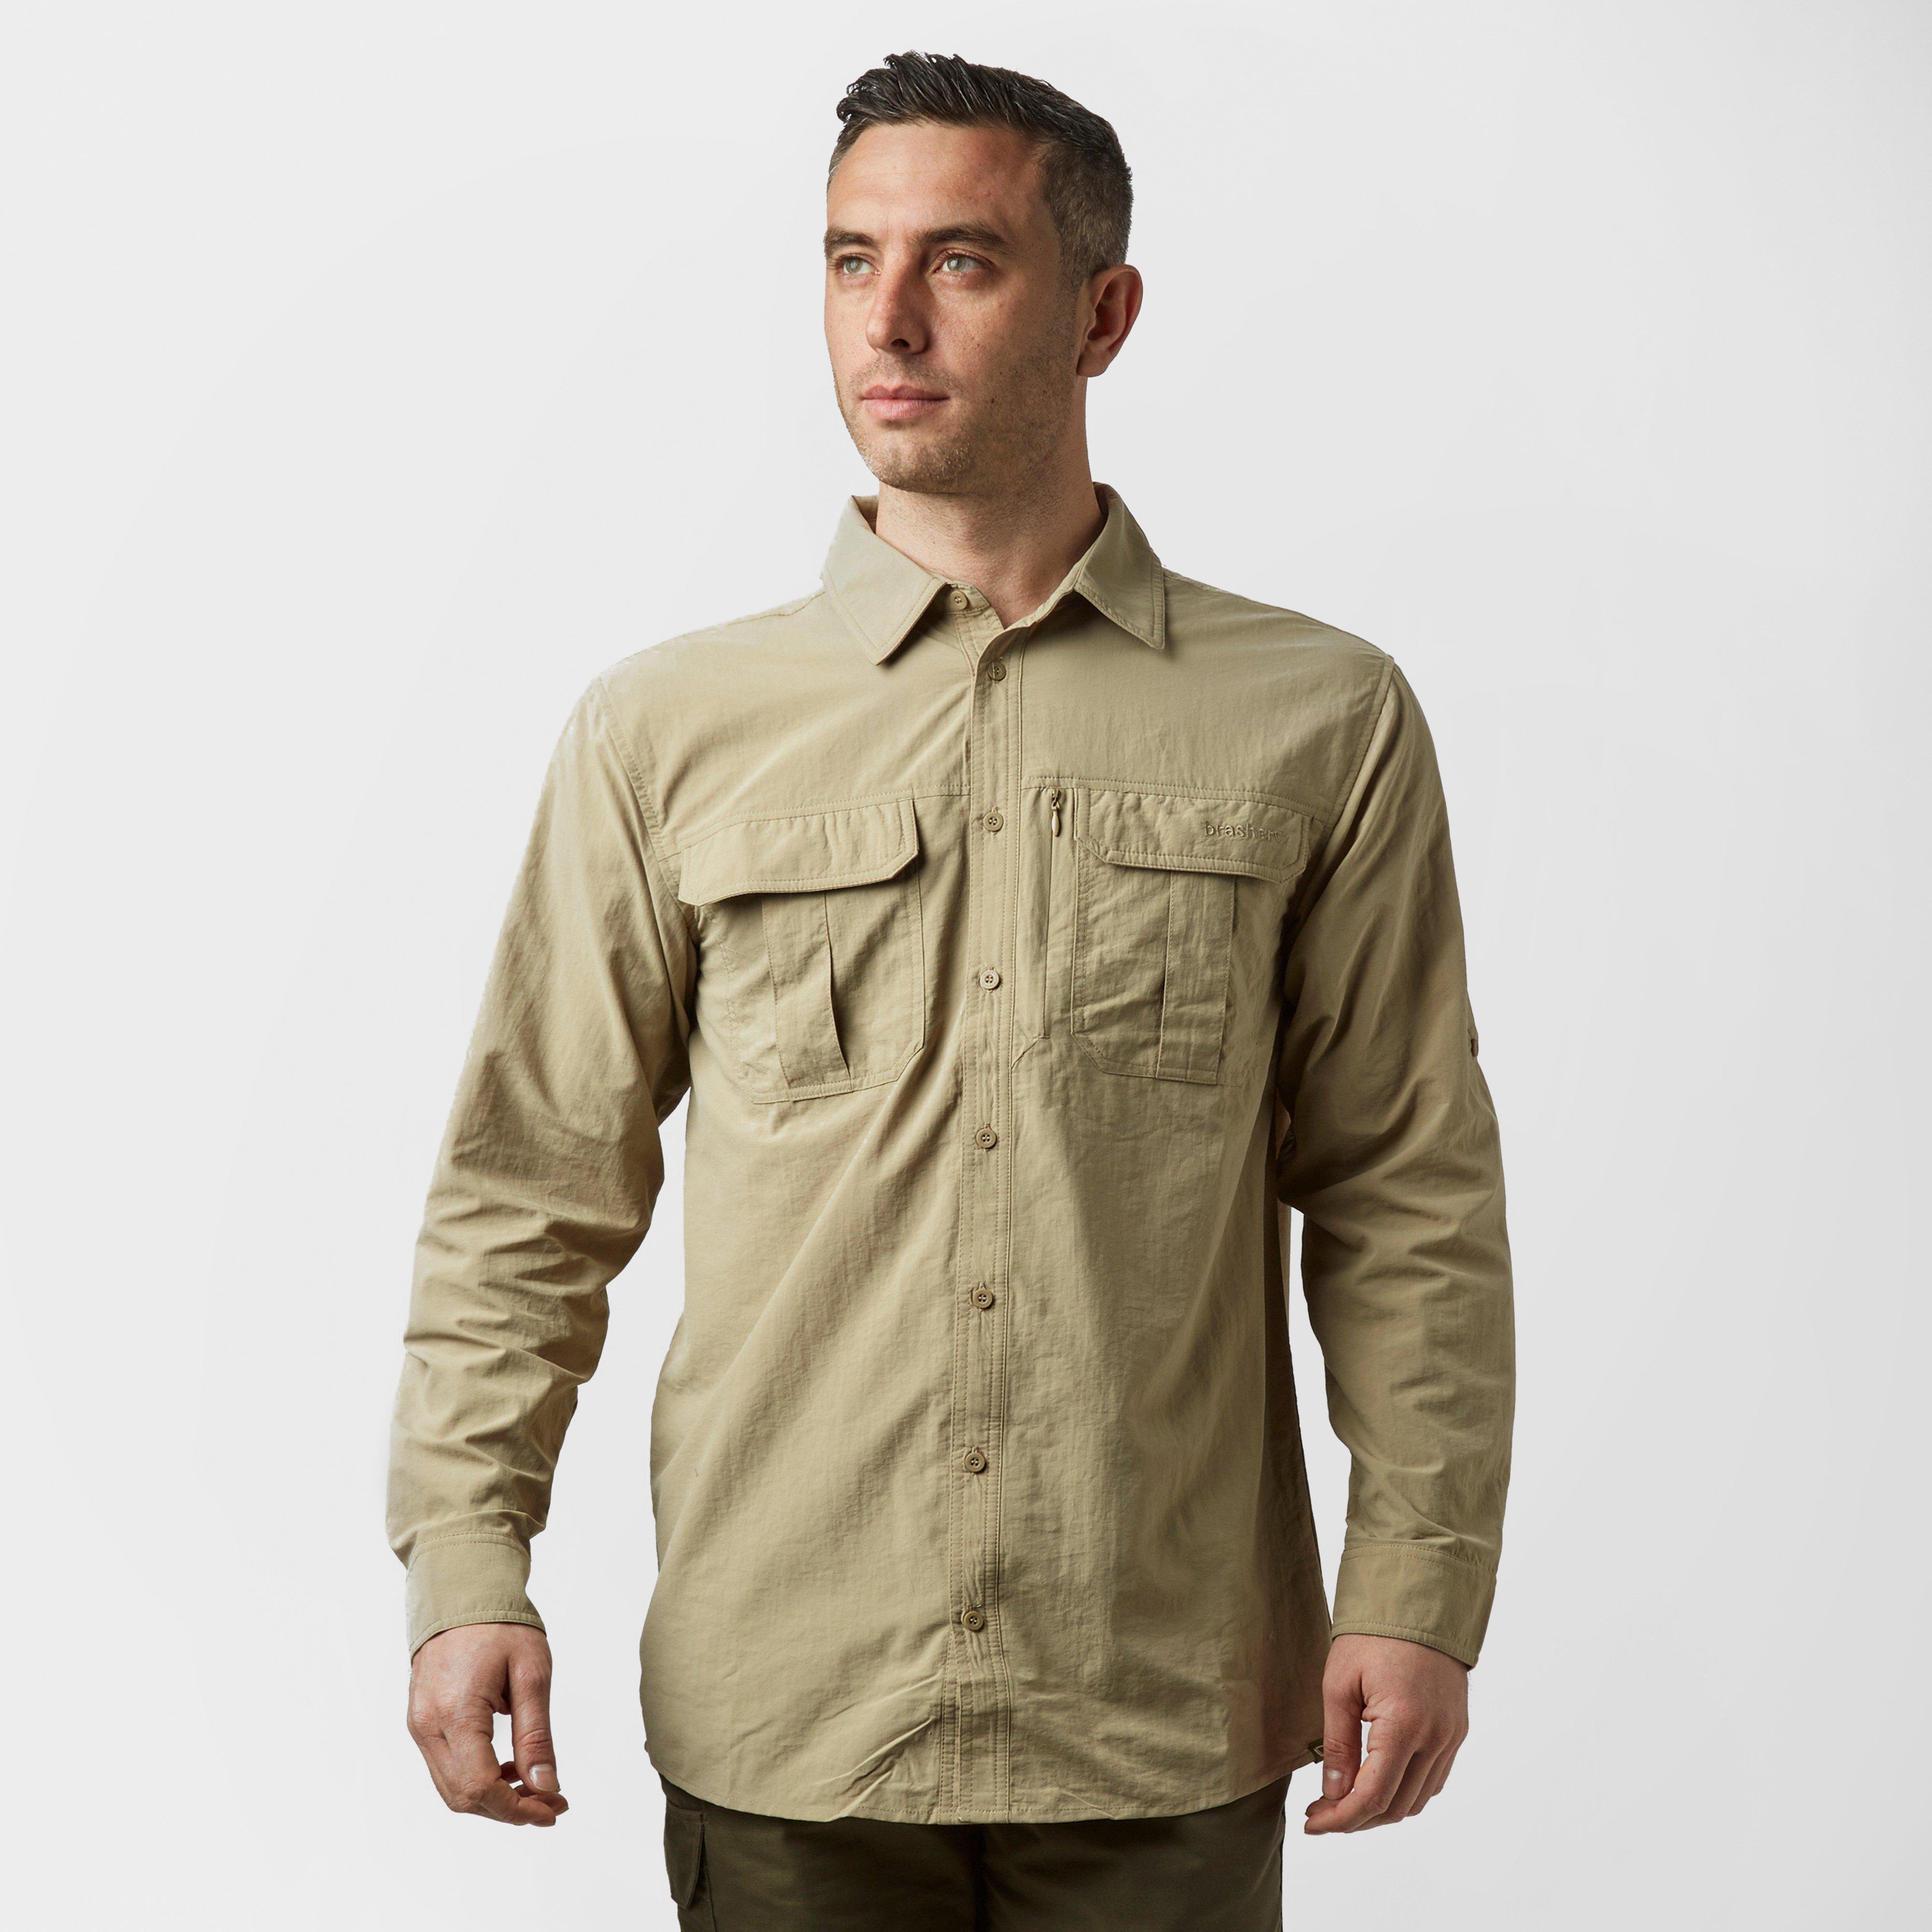 Brasher Mens Long Sleeve Travel Shirt - Beige/lbr  Beige/lbr